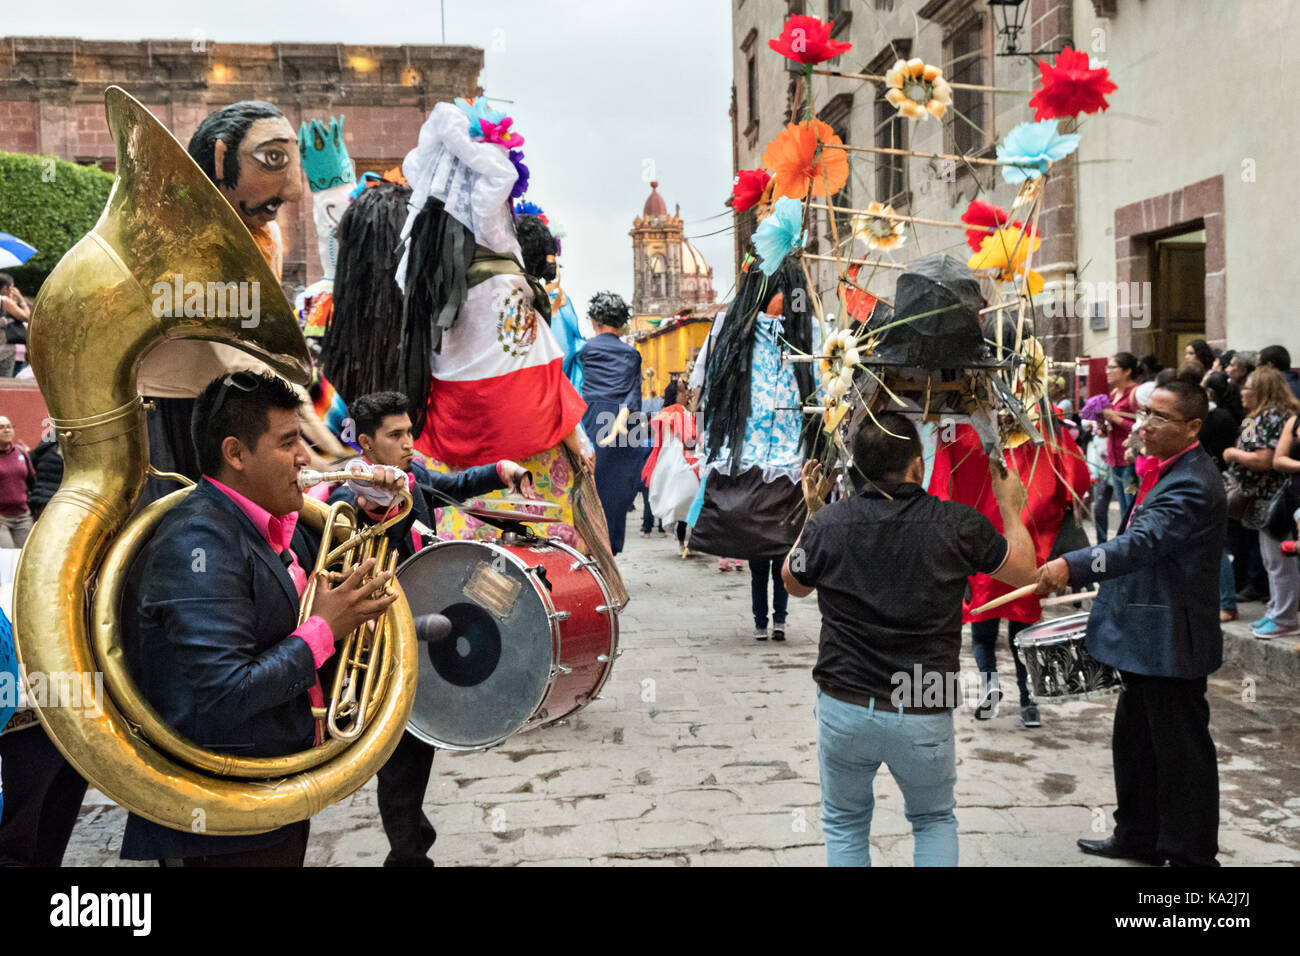 Un Marching Band sigue un desfile de gigantes de papel maché llamados mojigangas títeres en una procesión por la Foto de stock